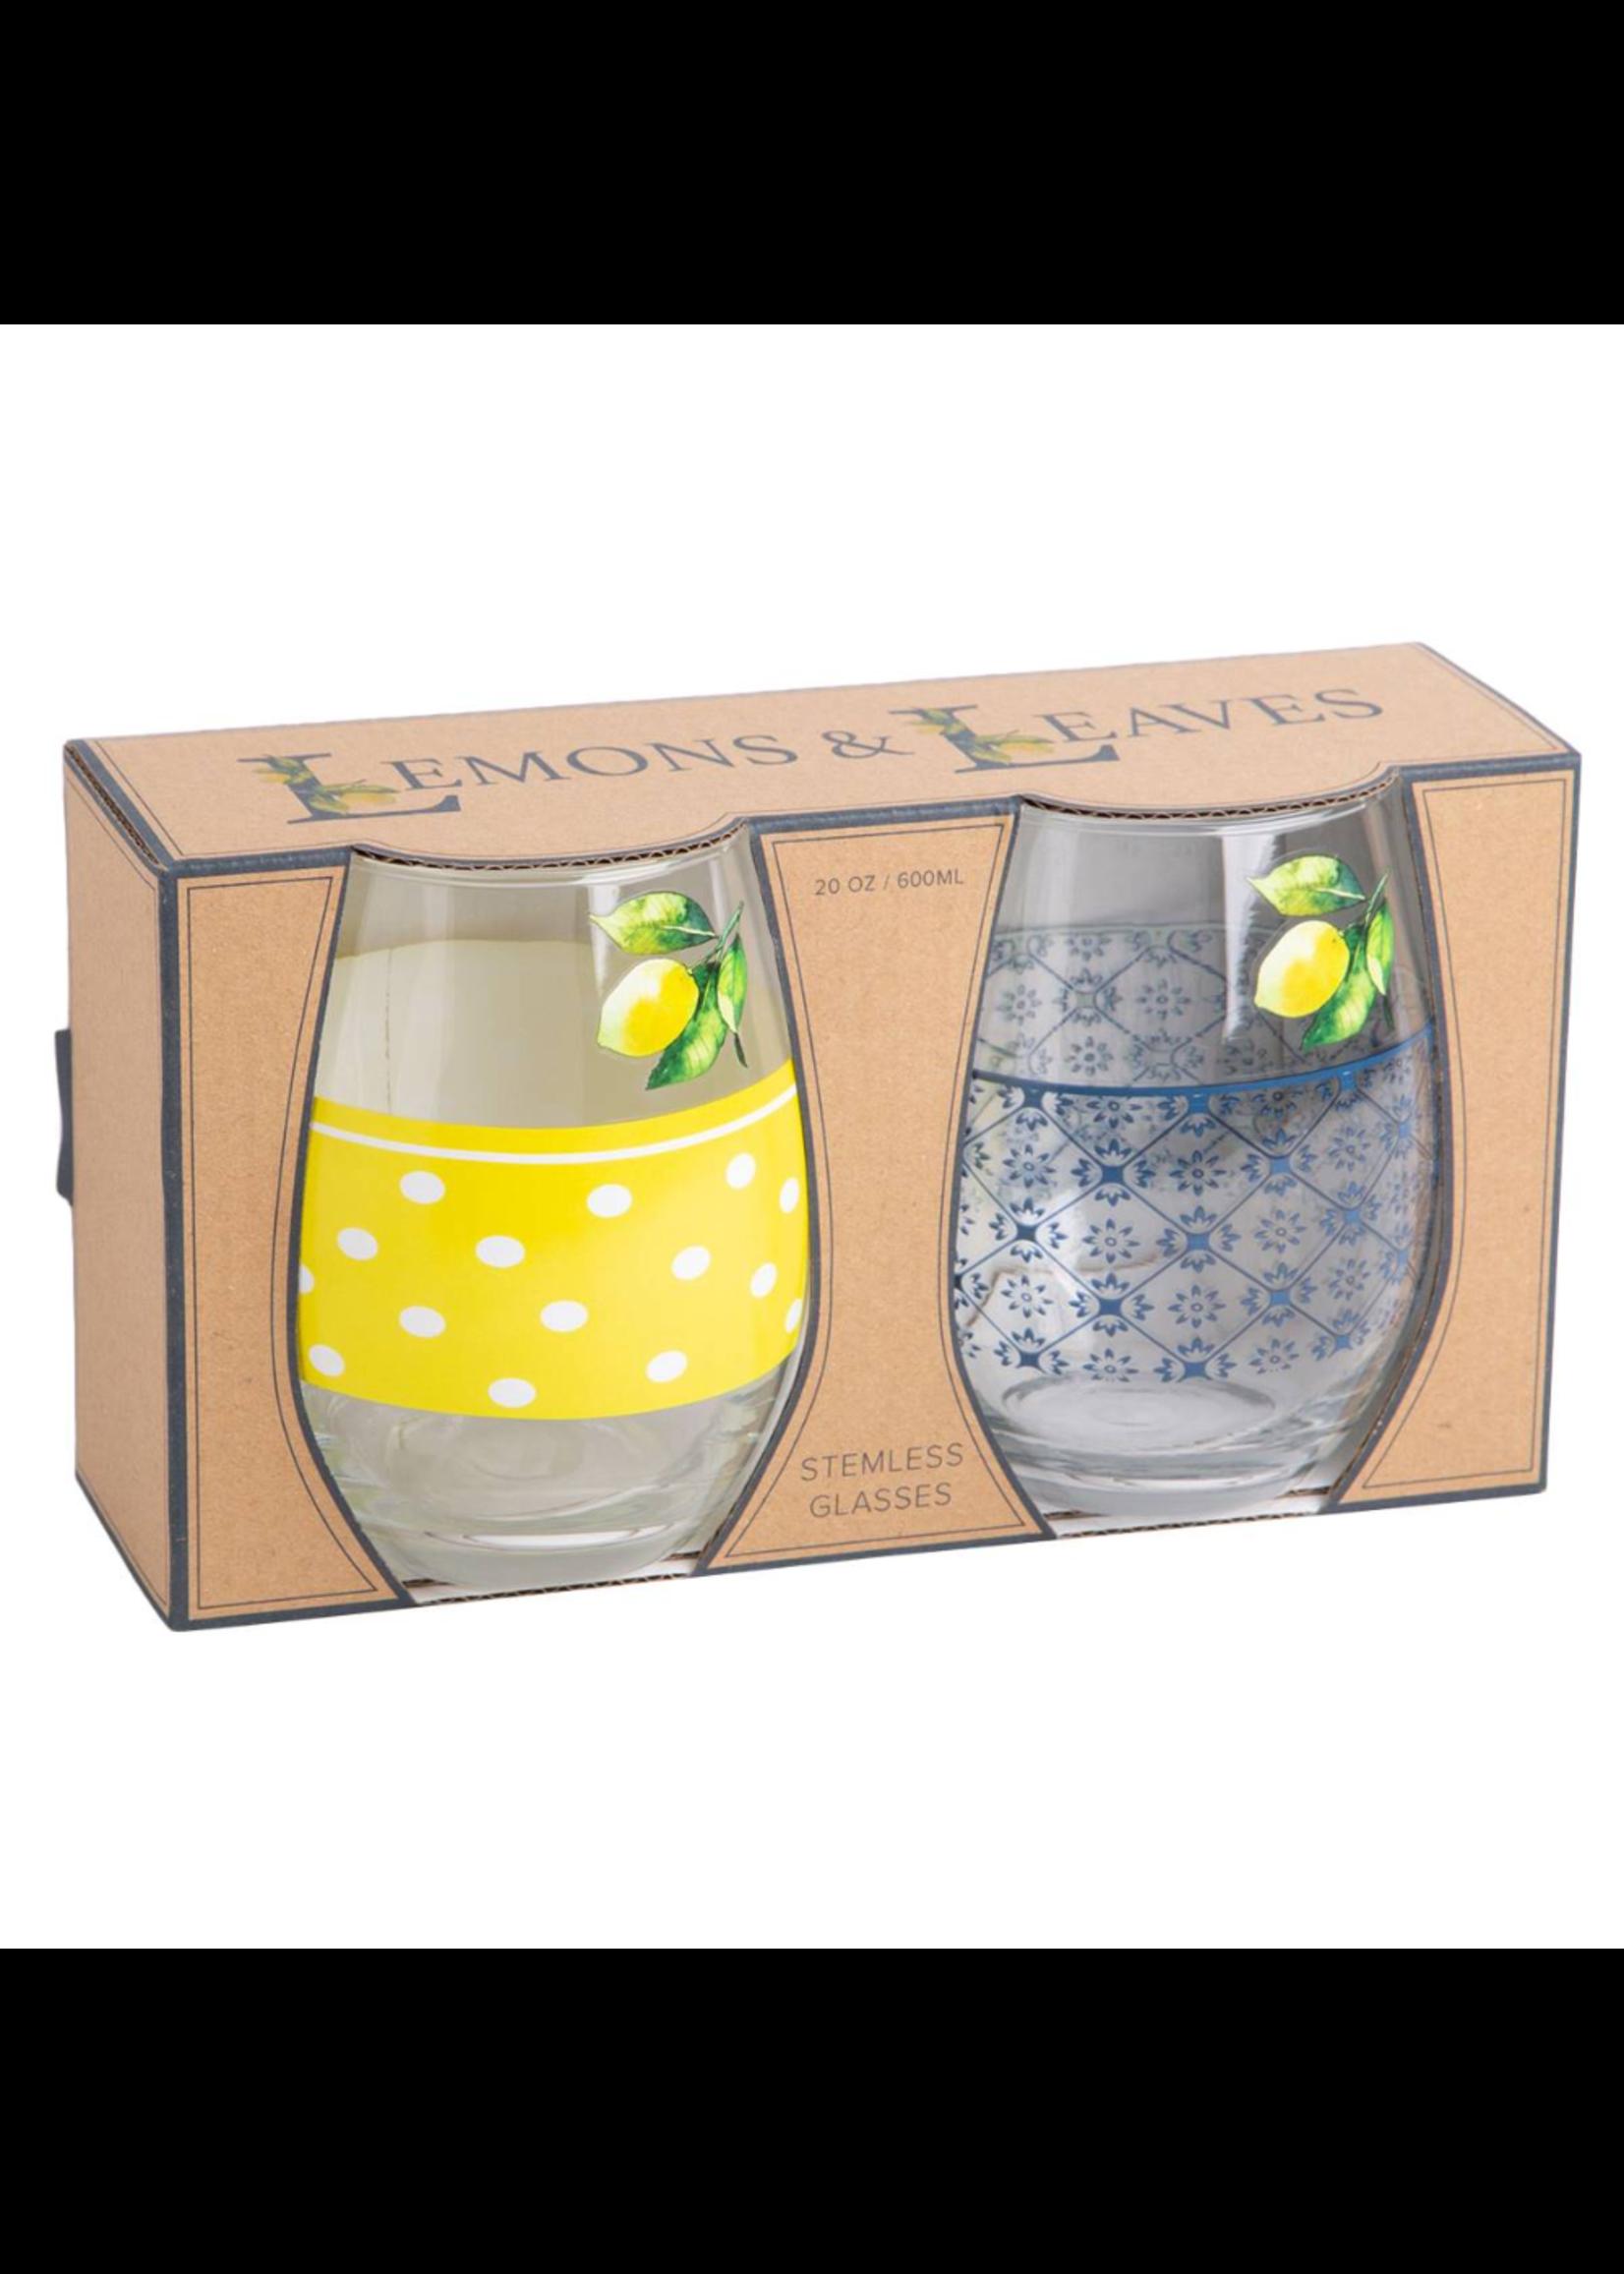 Olliix Stemless Glasses Lemon Leaves Set of 2 20oz